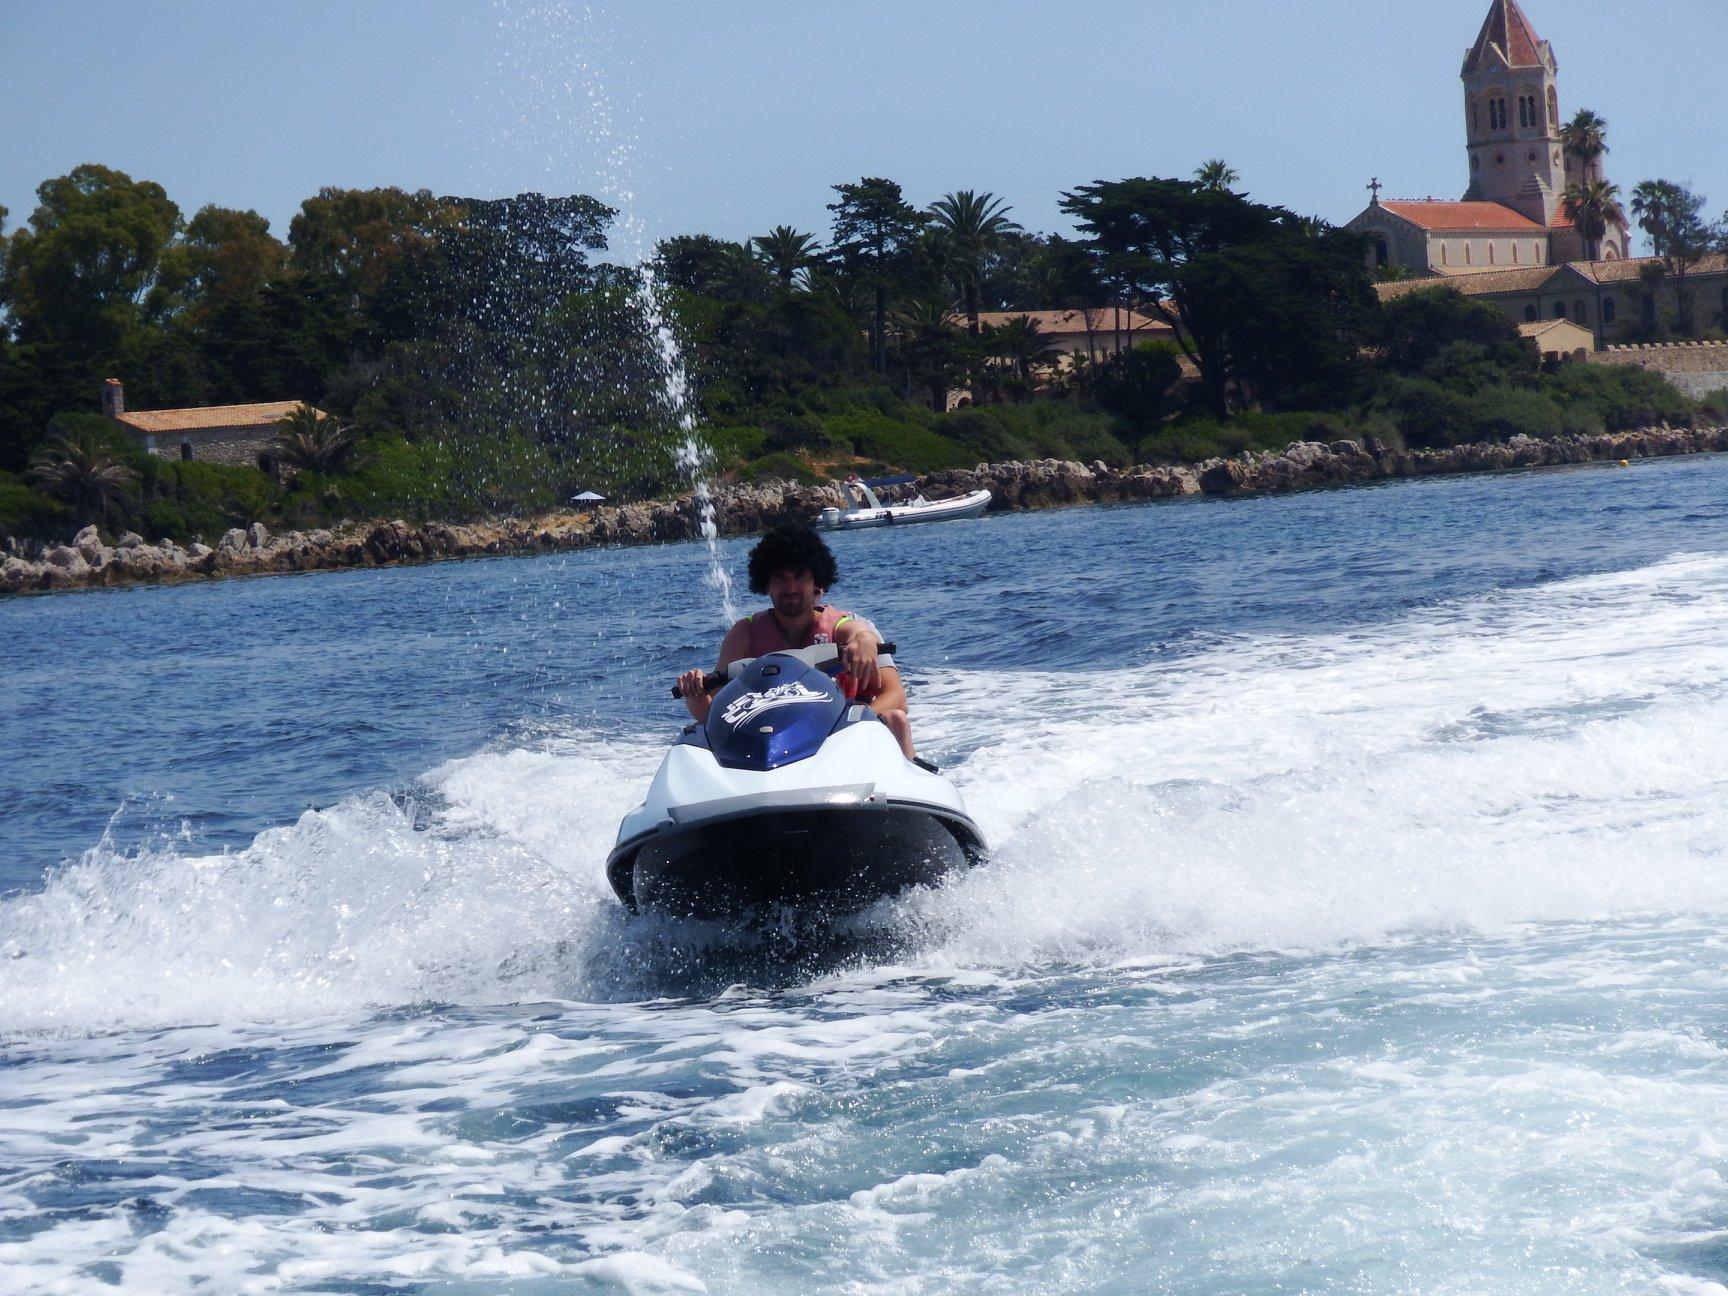 Découverte des iles de Lérins en jet ski proche de Mandelieu-la-Napoule